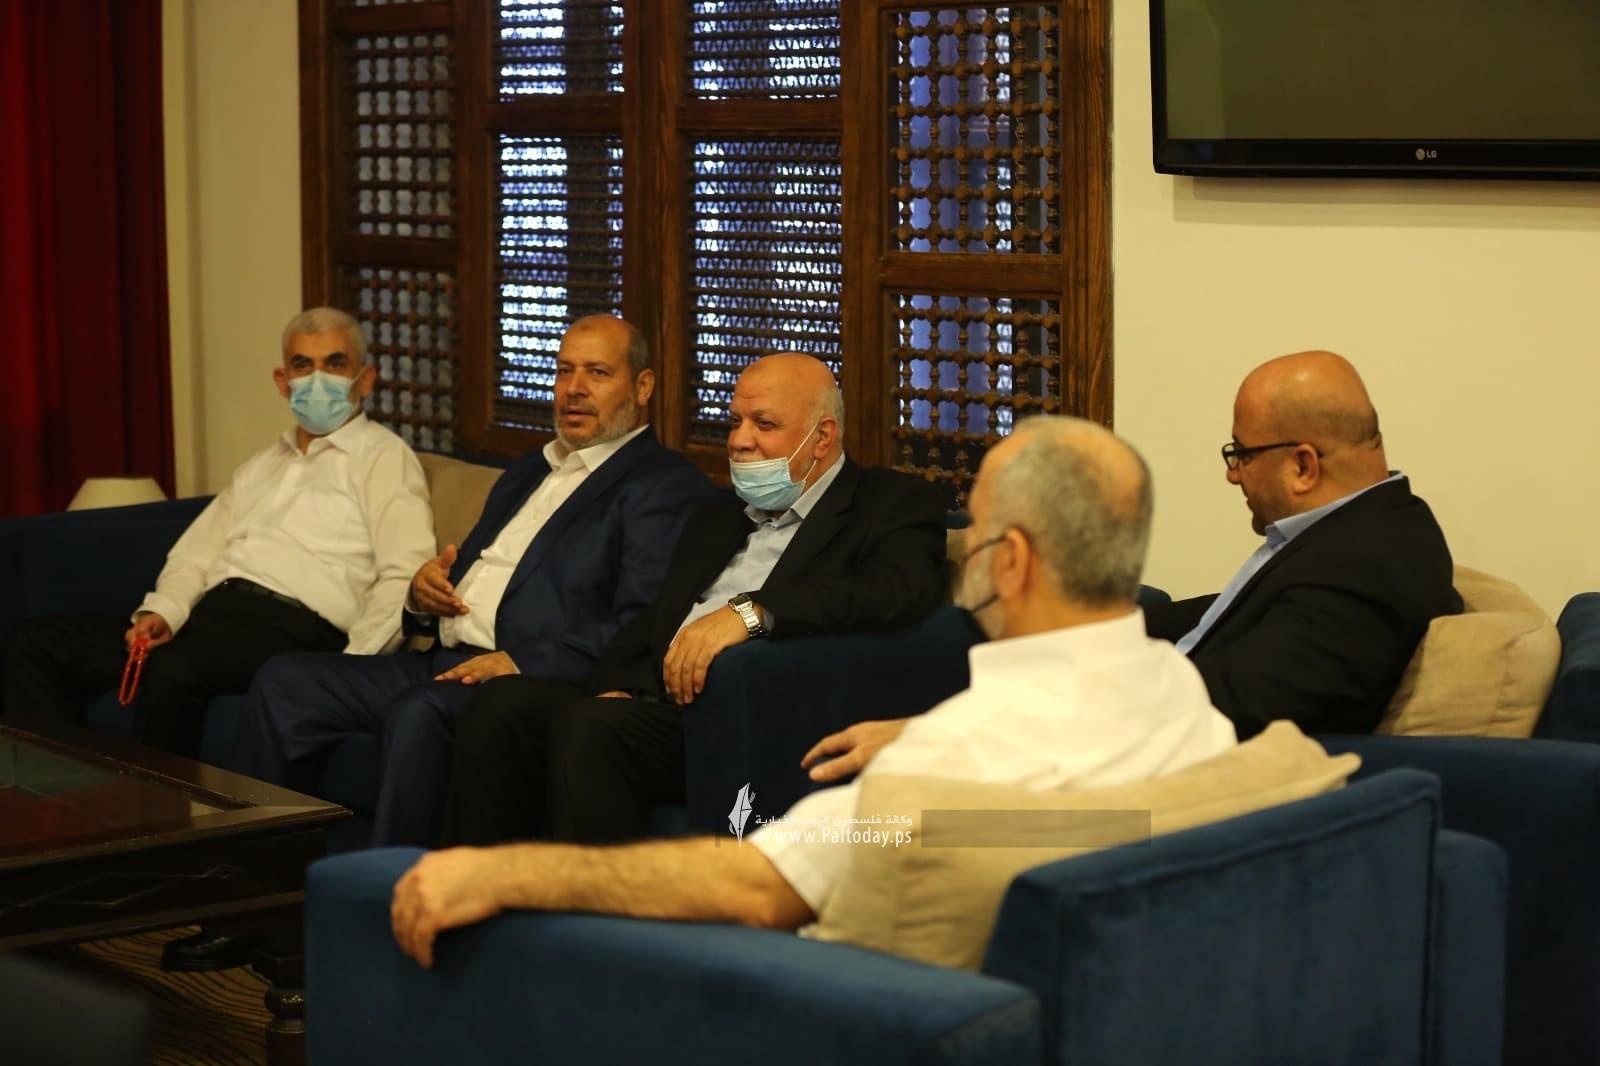 وفد حماس يصل لاستقبال رئيس المخابرات المصرية.jpg